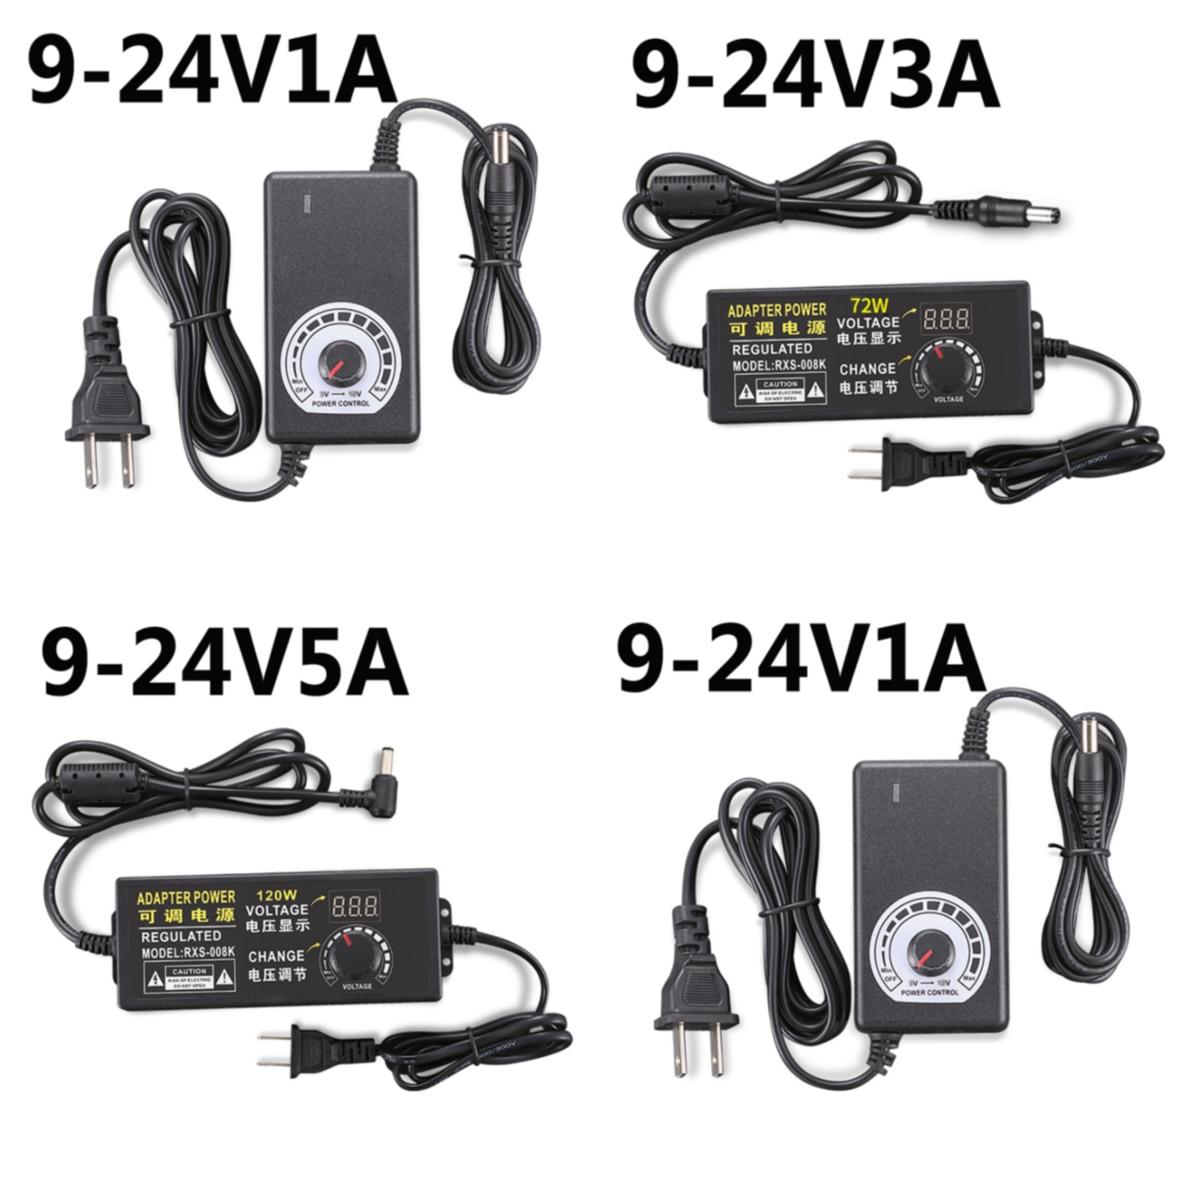 Universel 110-220V AC/DC 9V 9.5V 12V 13.5V 14V 15V 1A 2A 5A 17V 18V 19V 20V 22V 24V adaptateur de alimentation Led réglable 24V approvisionnement